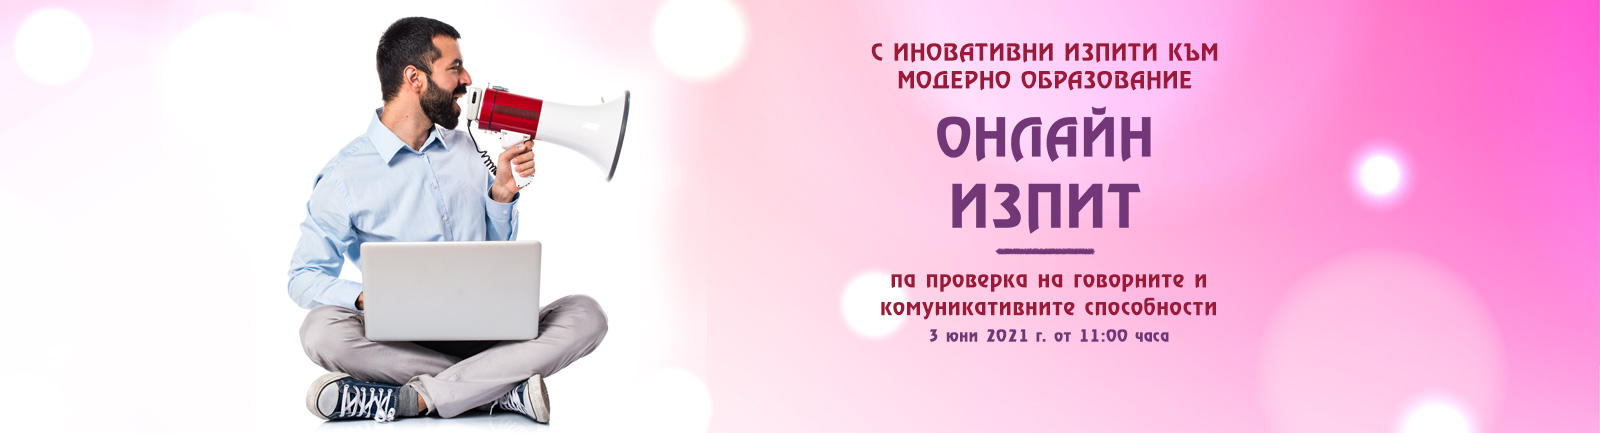 onlain-izpit-govorni-03062021